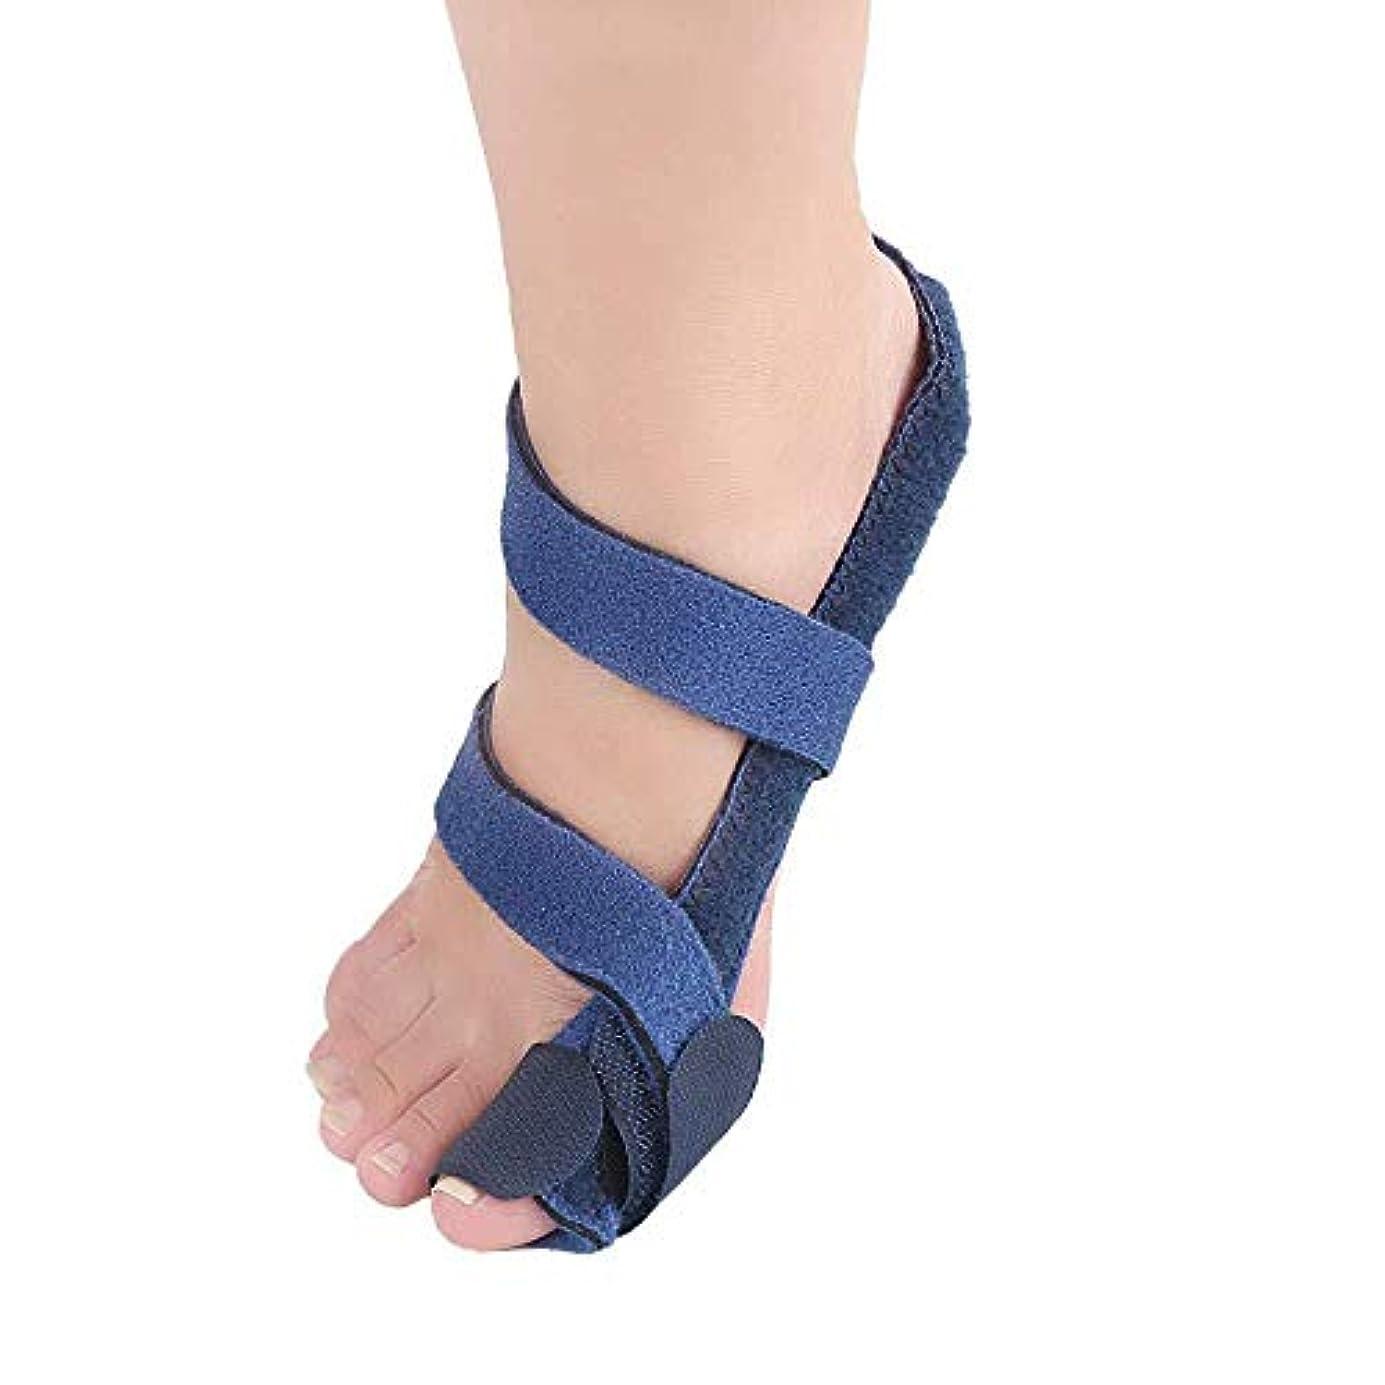 カニ野心シャイニング外反母Hall装具、オーバーラップハンマーヘッドサポート装具アーチサポートジェルフラット足の痛みの男性と女性,Left Foot